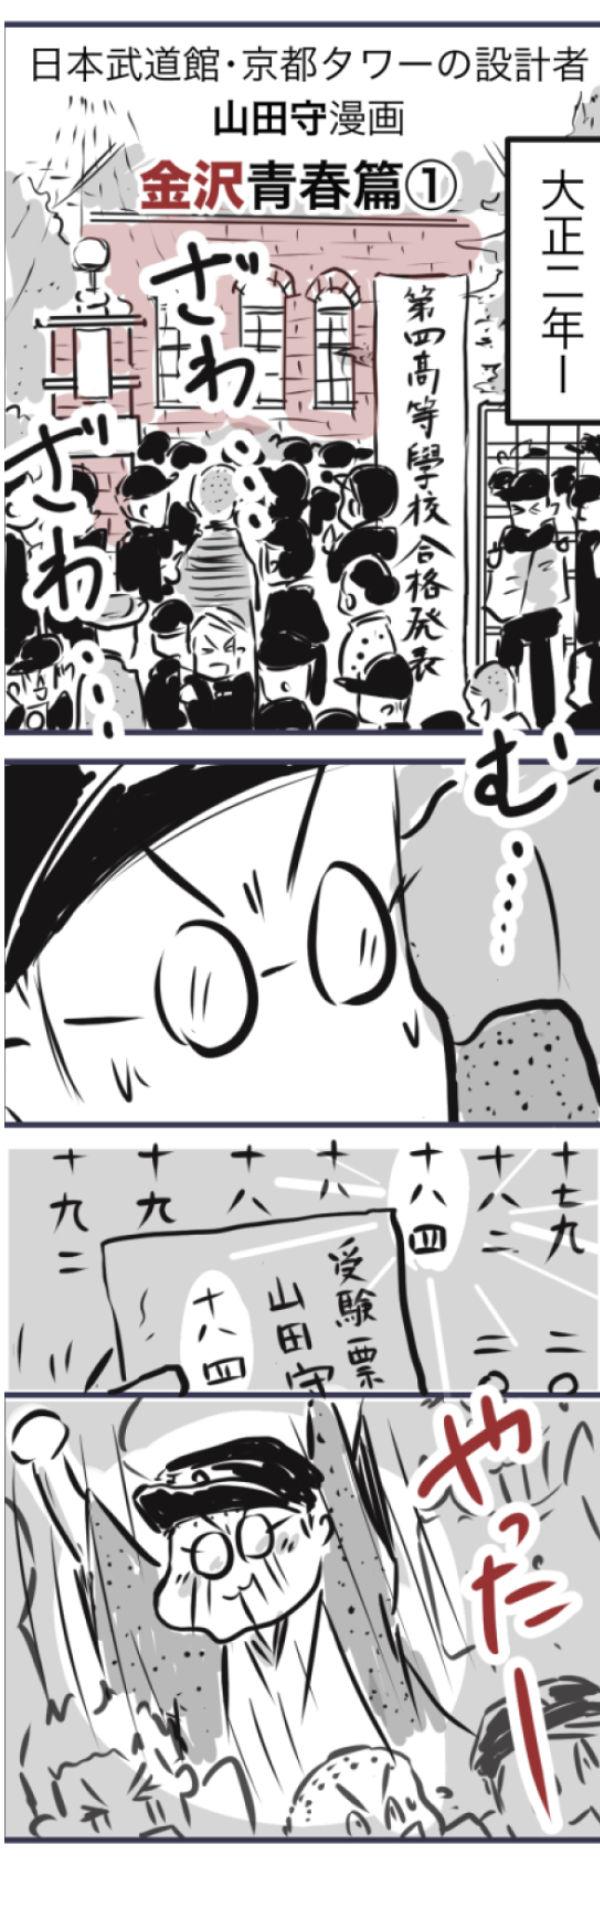 山田金沢1−1−1W600 枠なしカット